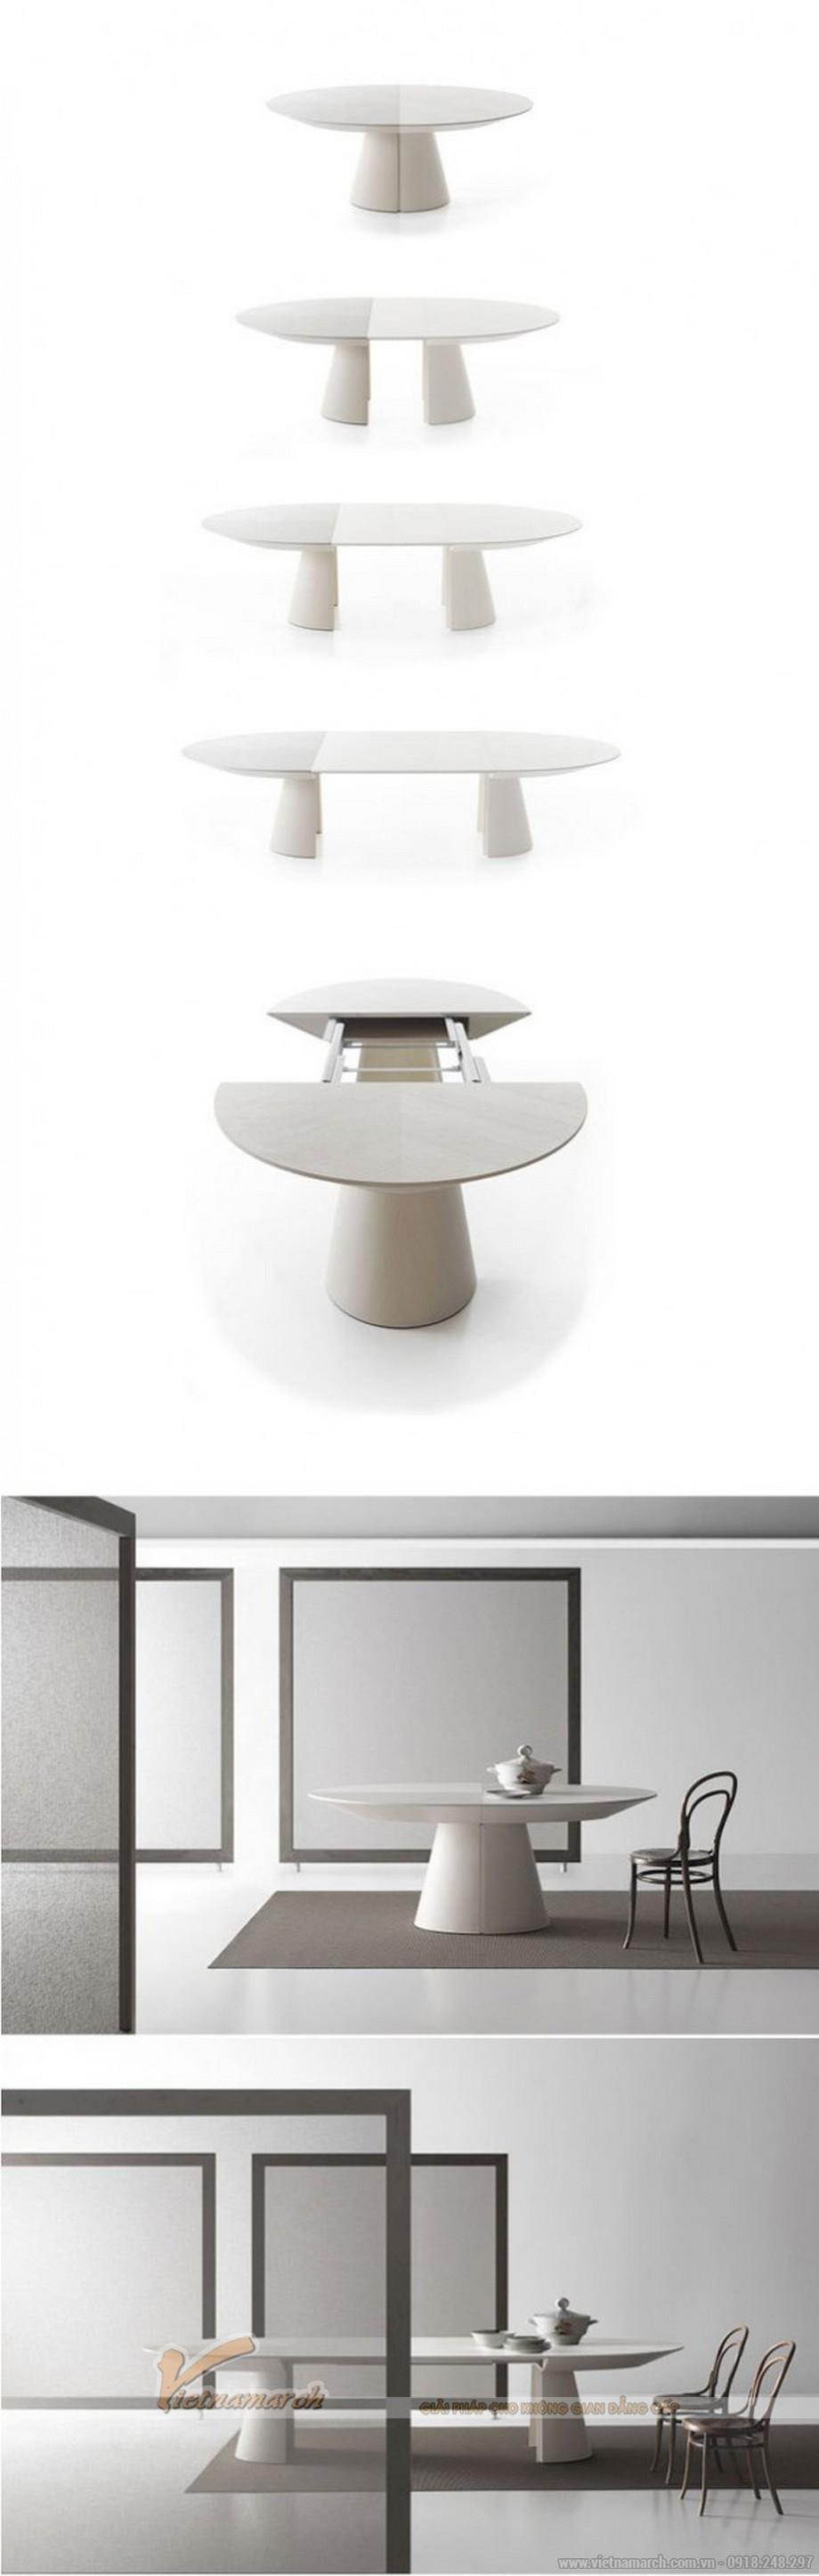 Mẫu bàn thông minh này vừa là bàn trà vừa có thể kéo dài làm bàn ăn